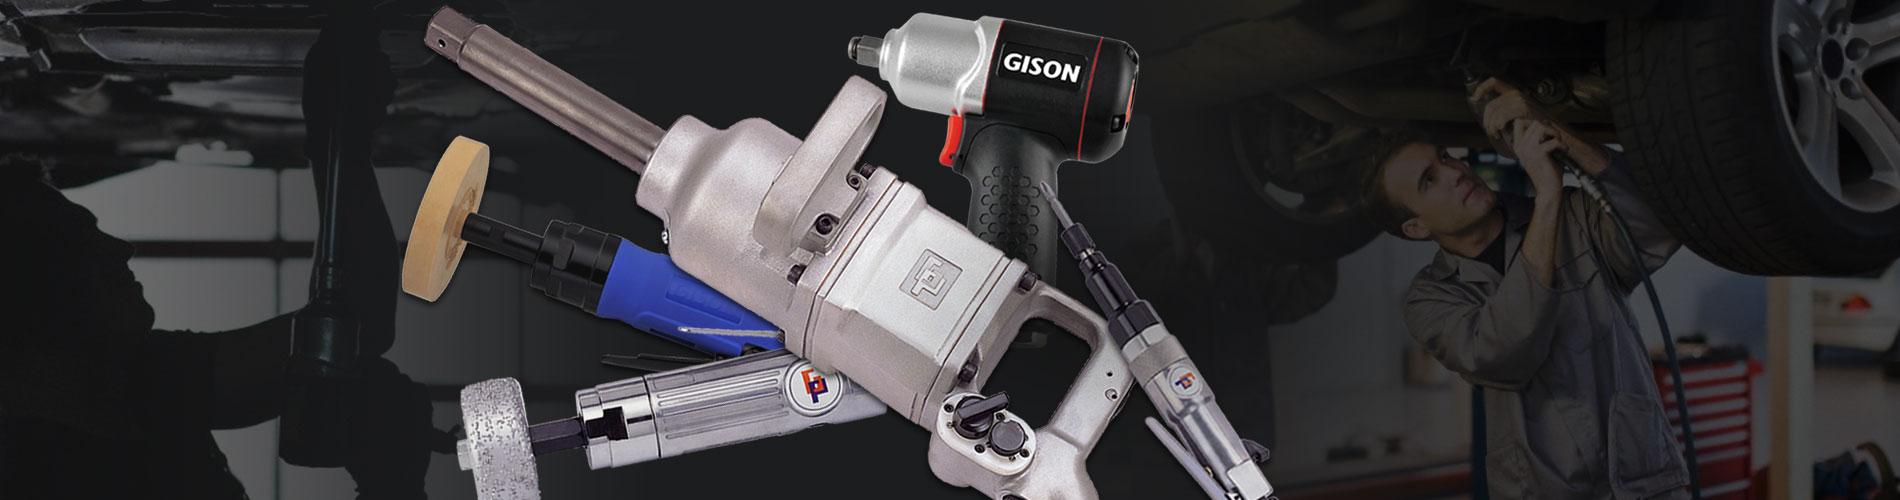 吉生氣動工具 鎖緊及汽車修護 專用系列